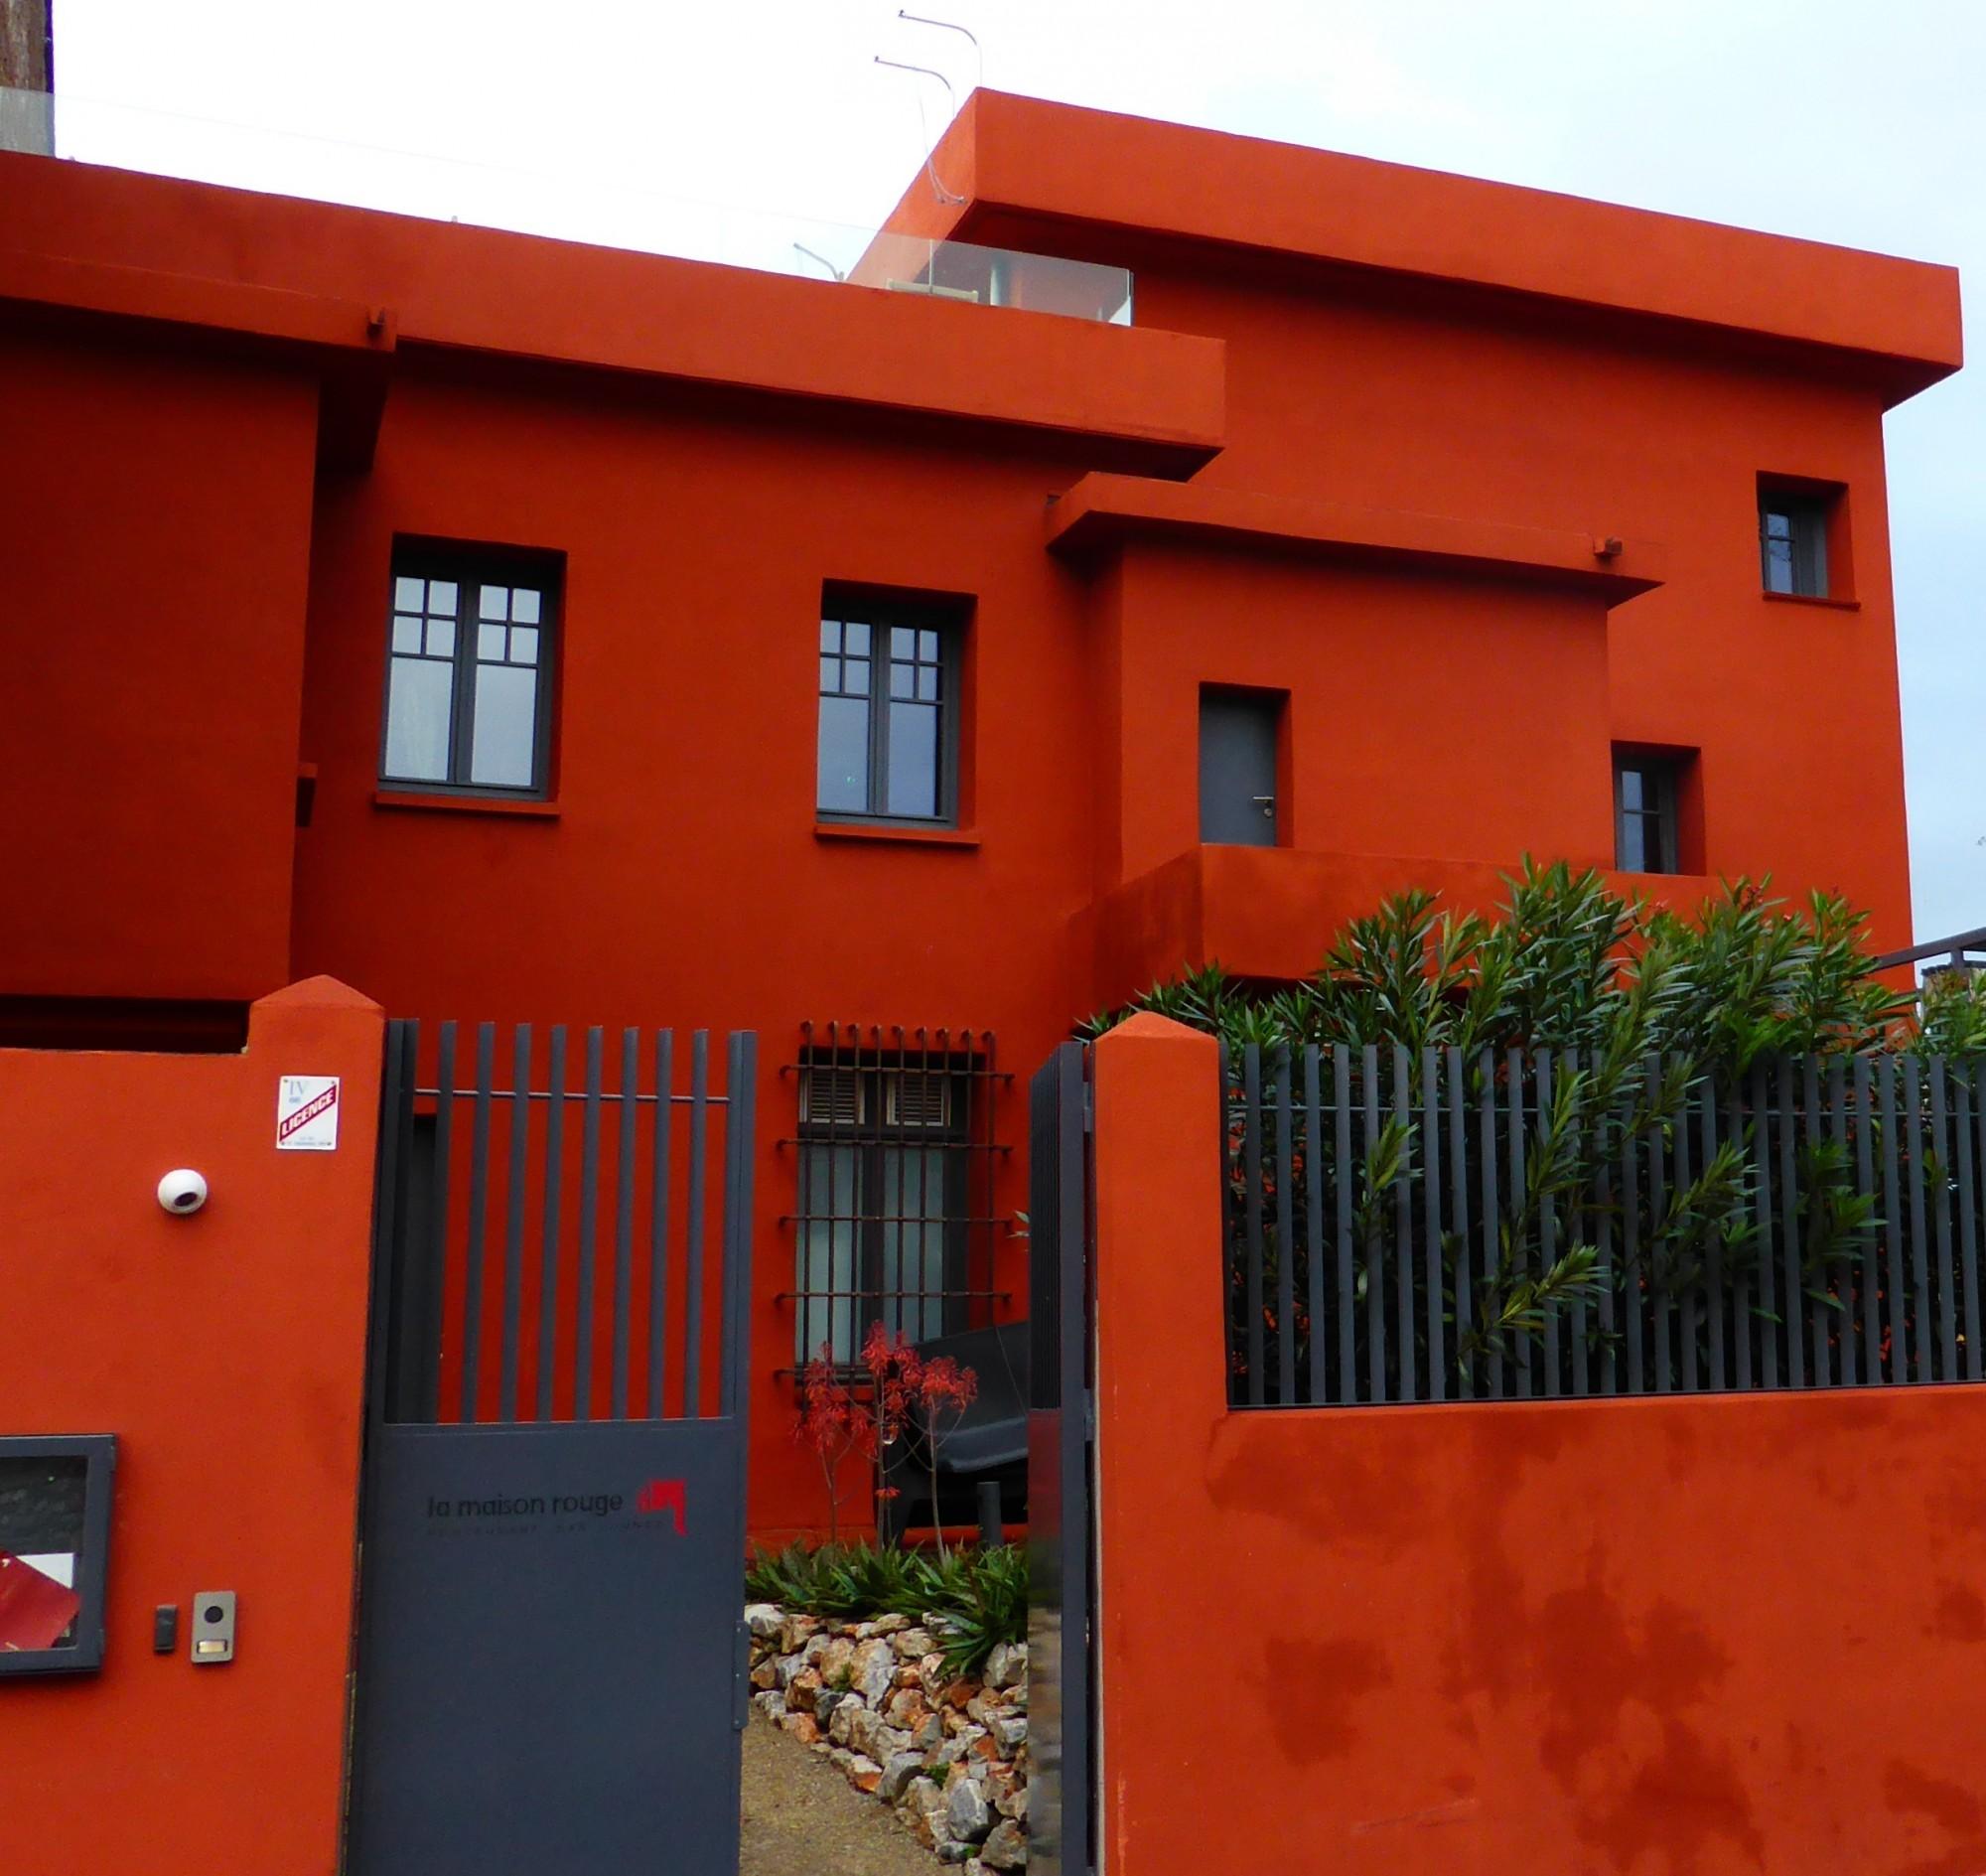 paroles d architectes perpignan la catalane perpiny la catalana. Black Bedroom Furniture Sets. Home Design Ideas